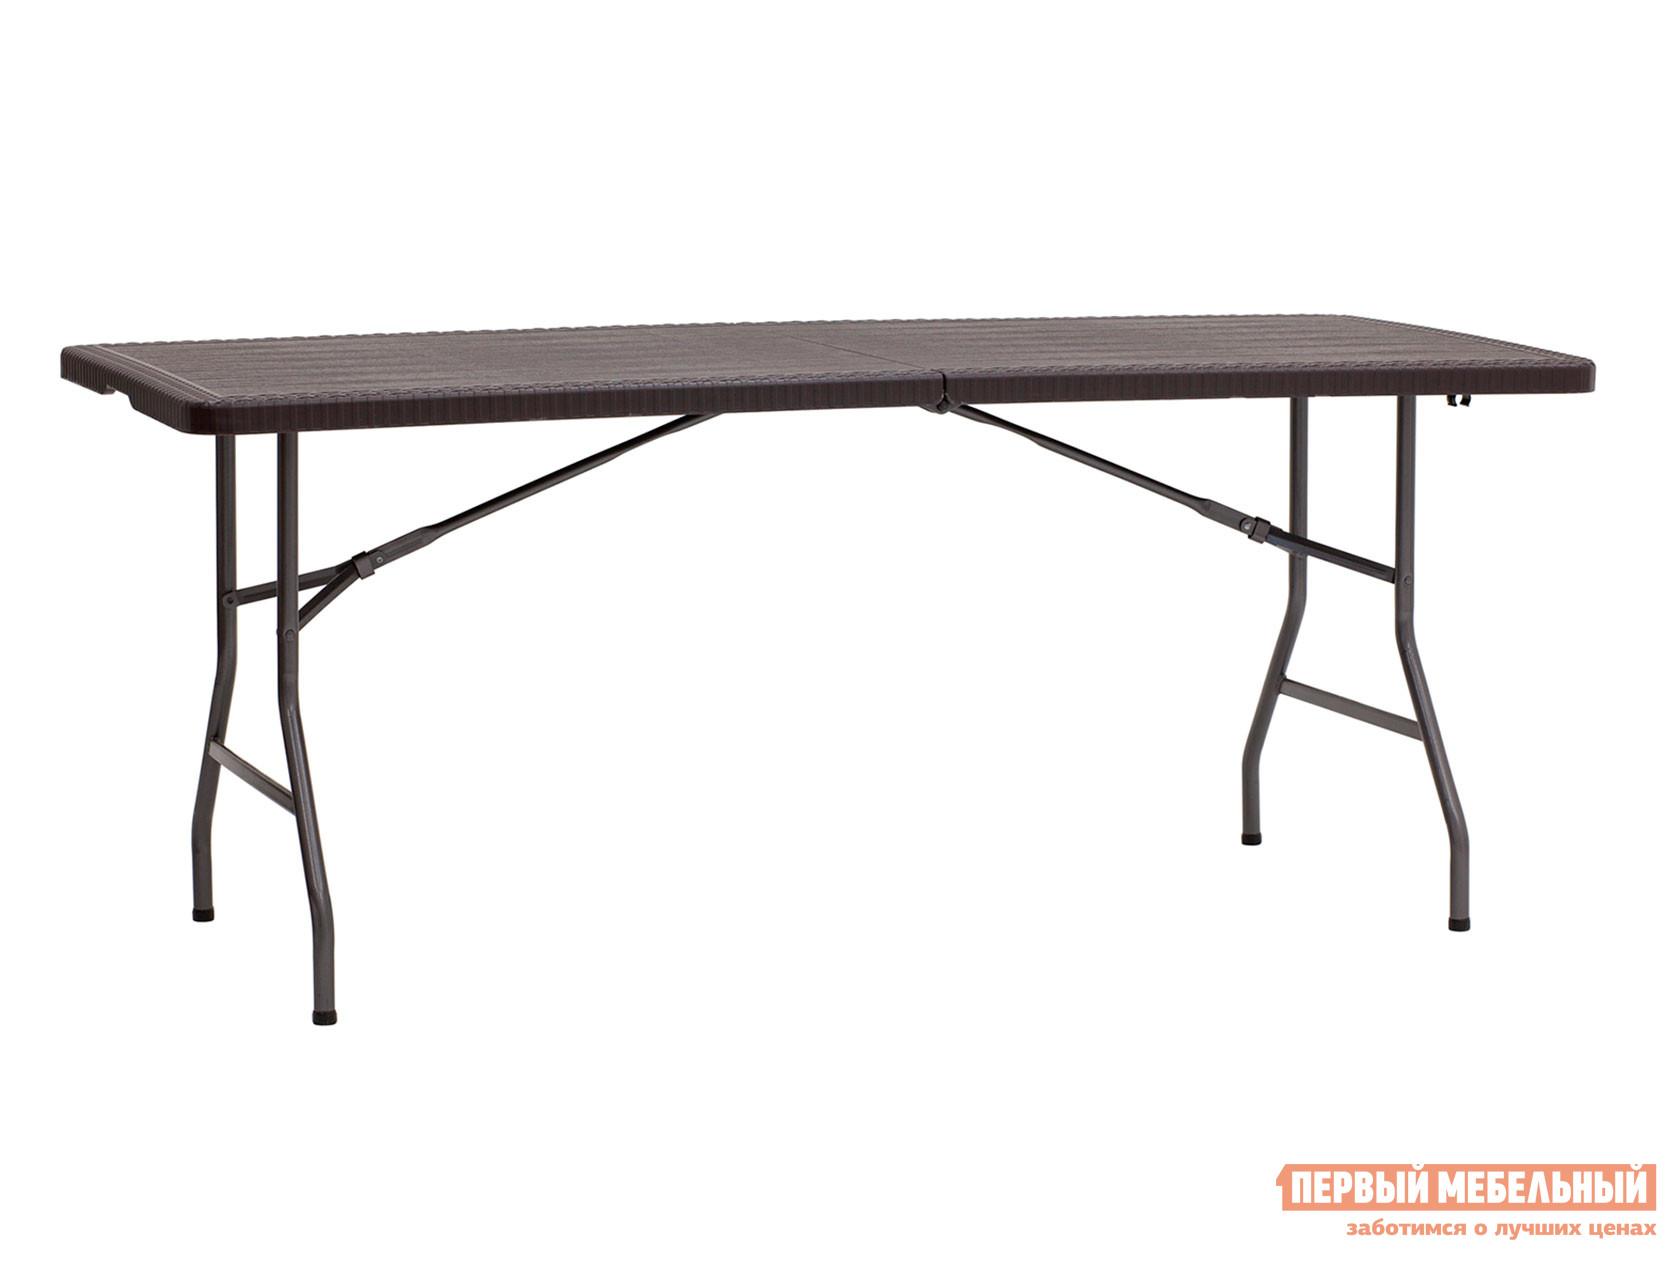 Стол для пикника  Стол складной 182*74*74 см Коричневый